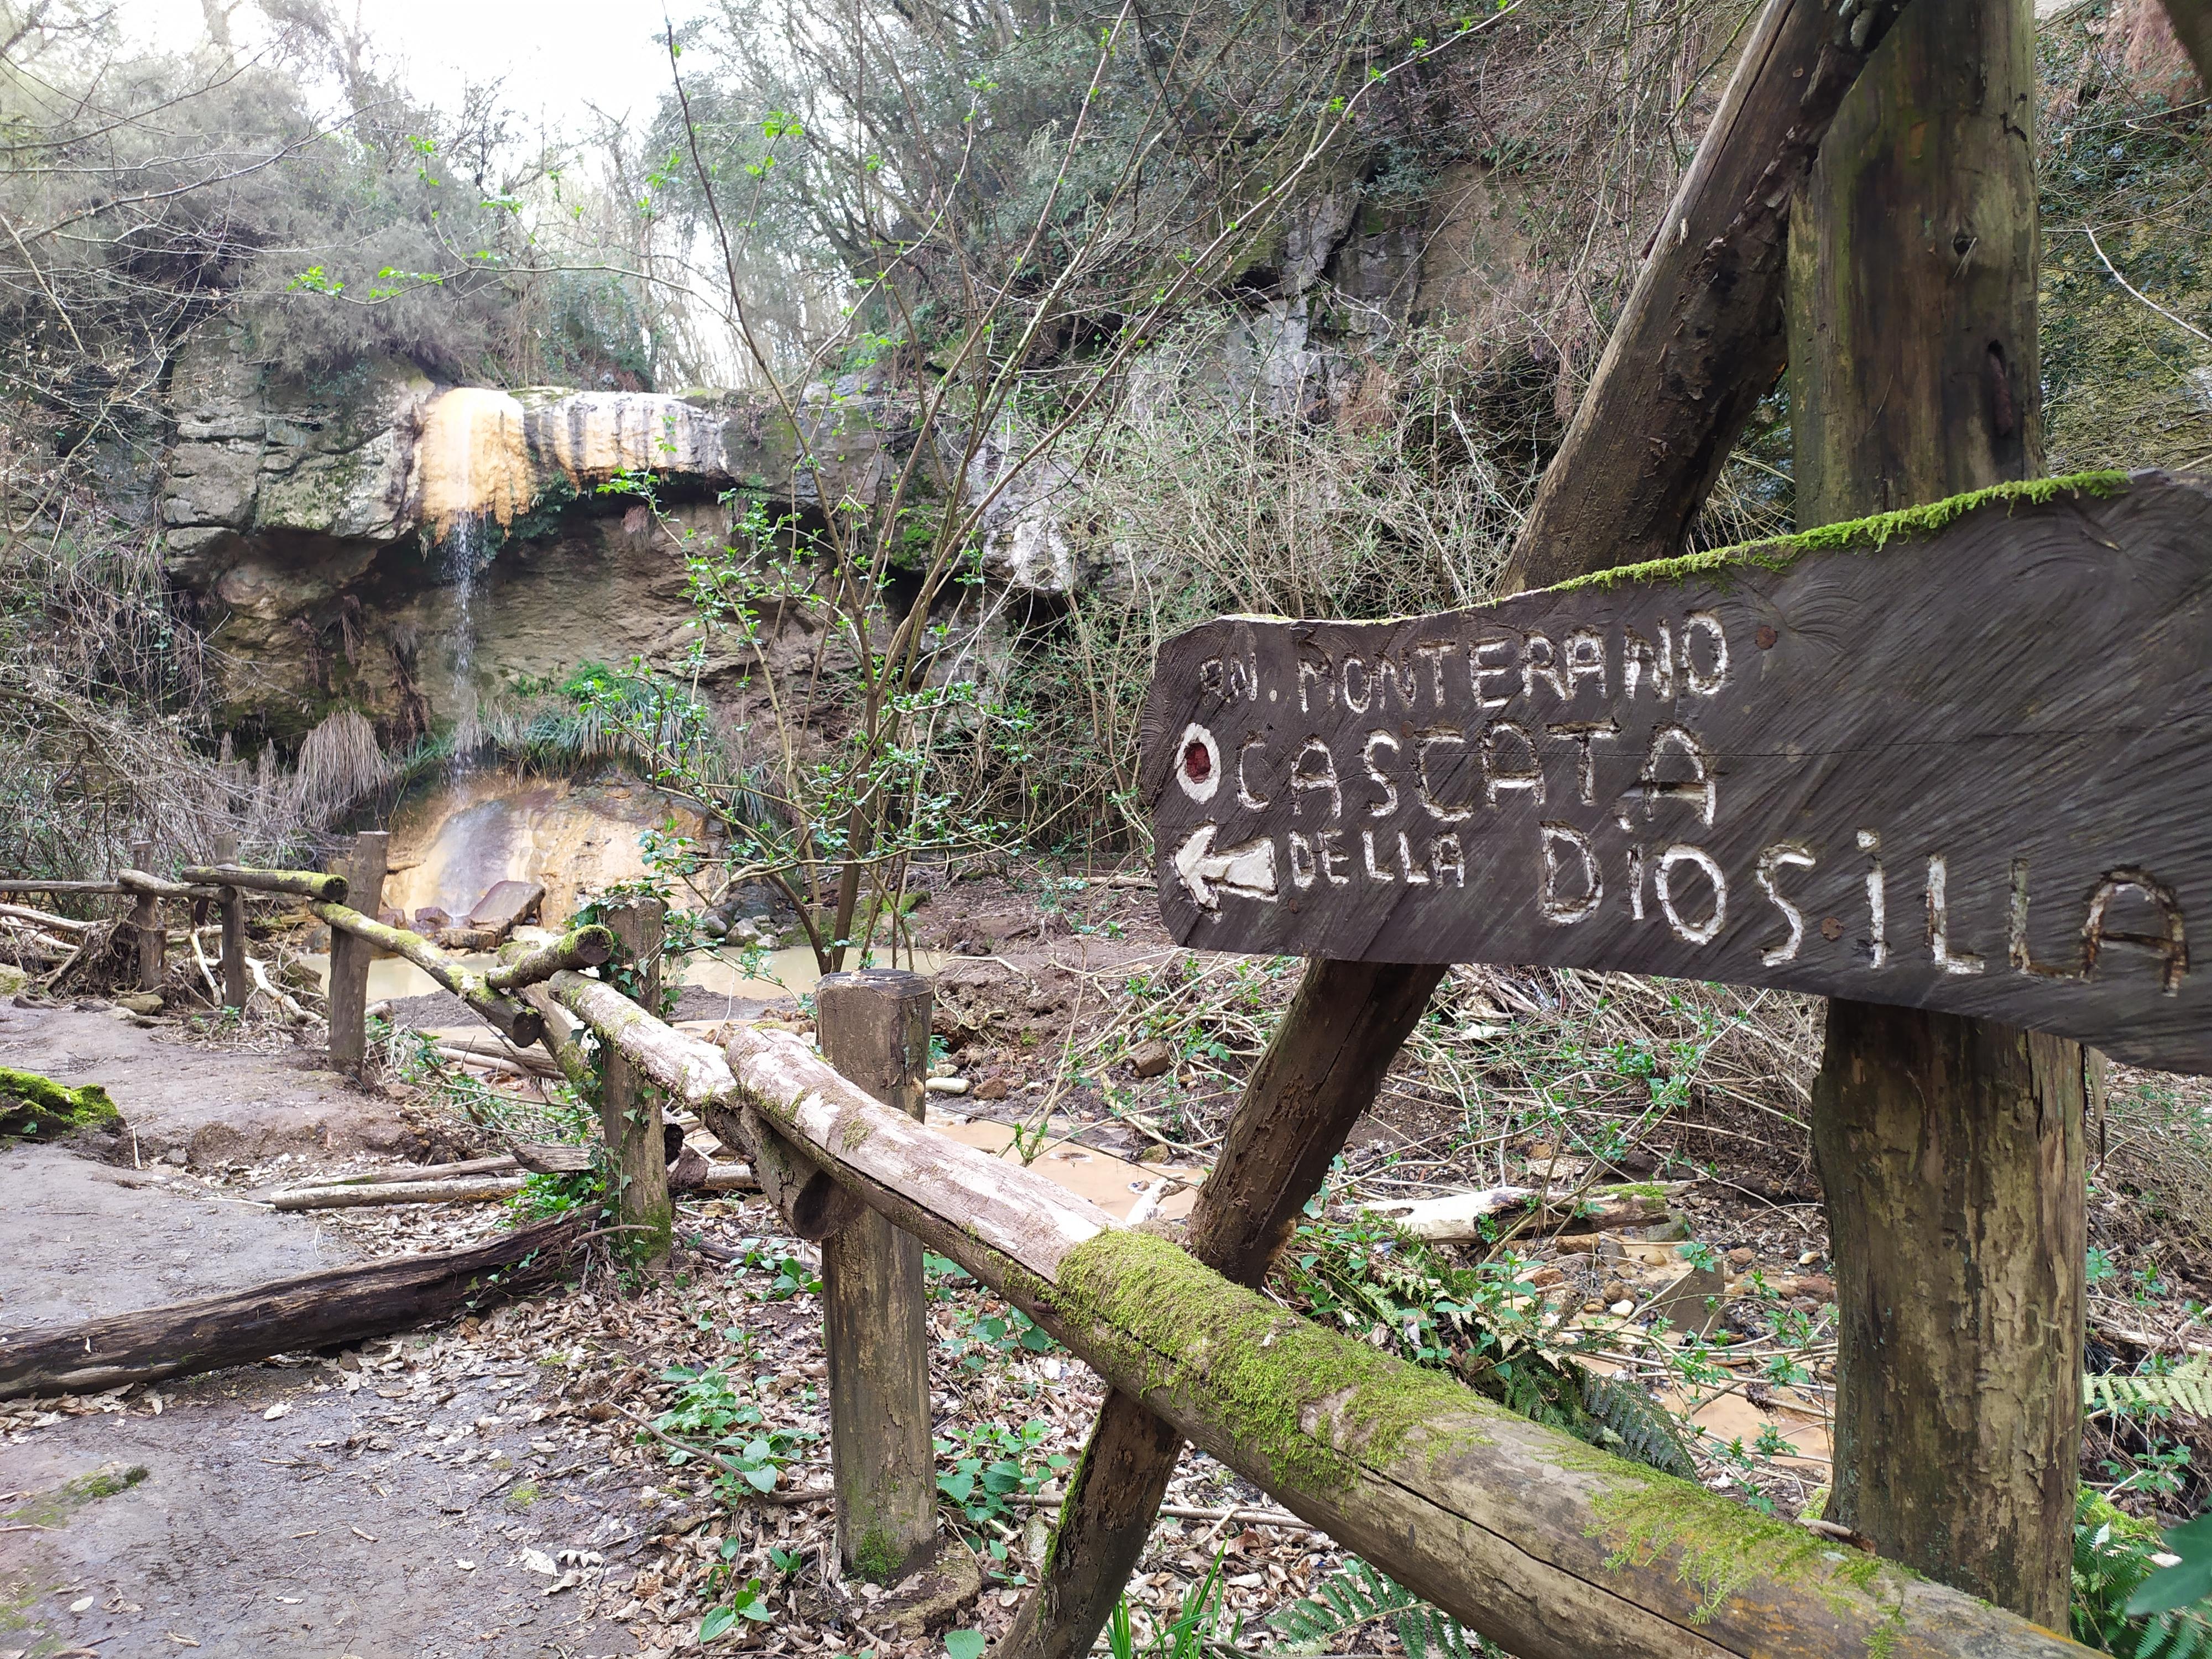 Monterano cascate di Diosilla